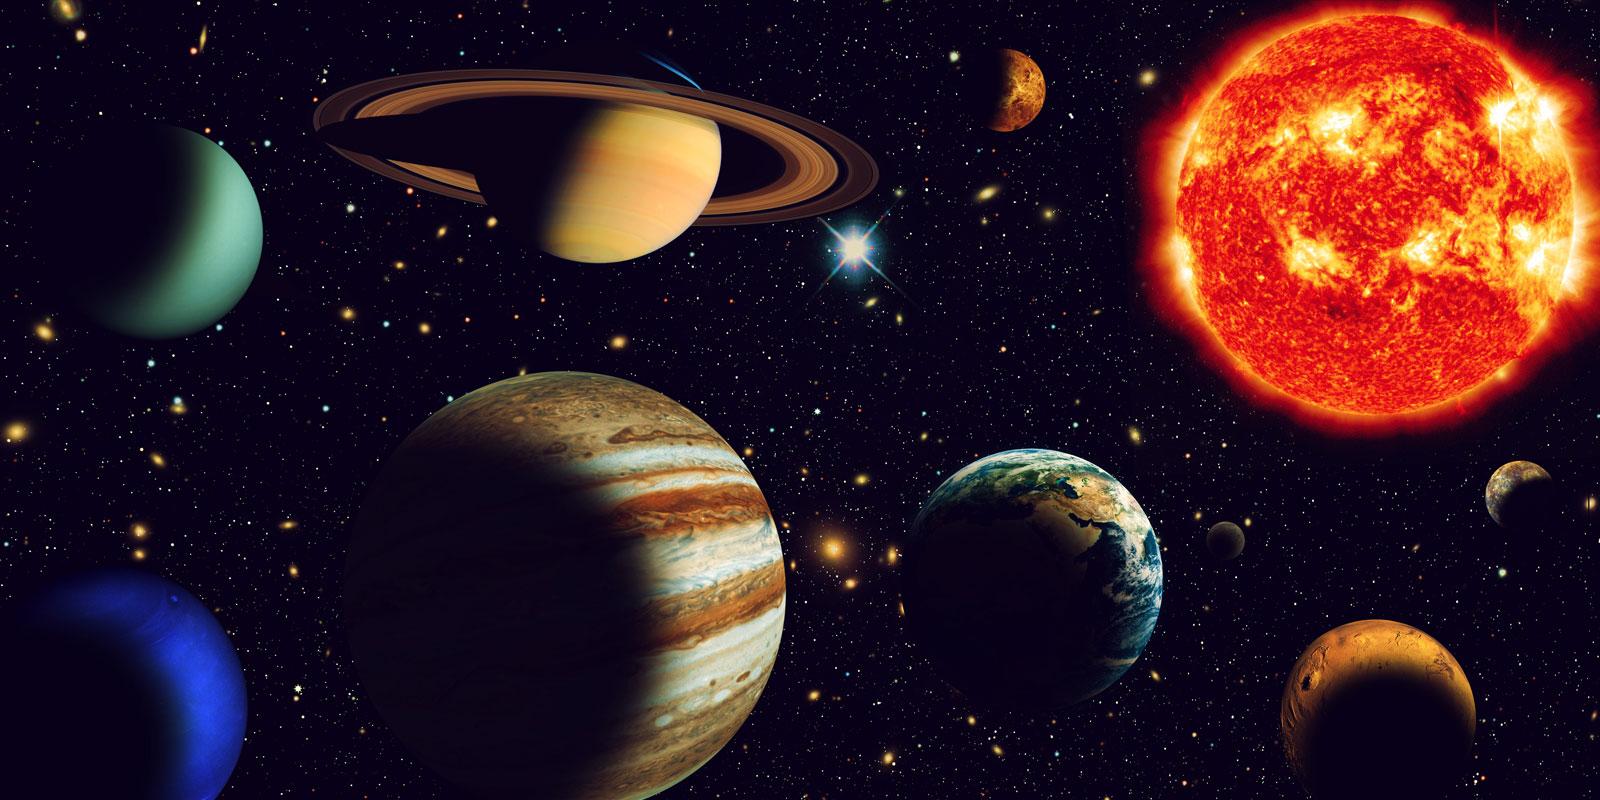 L'IMPORTANCE ASTRONOMIQUE HINDOUE DU NOUVEL AN TAMOUL